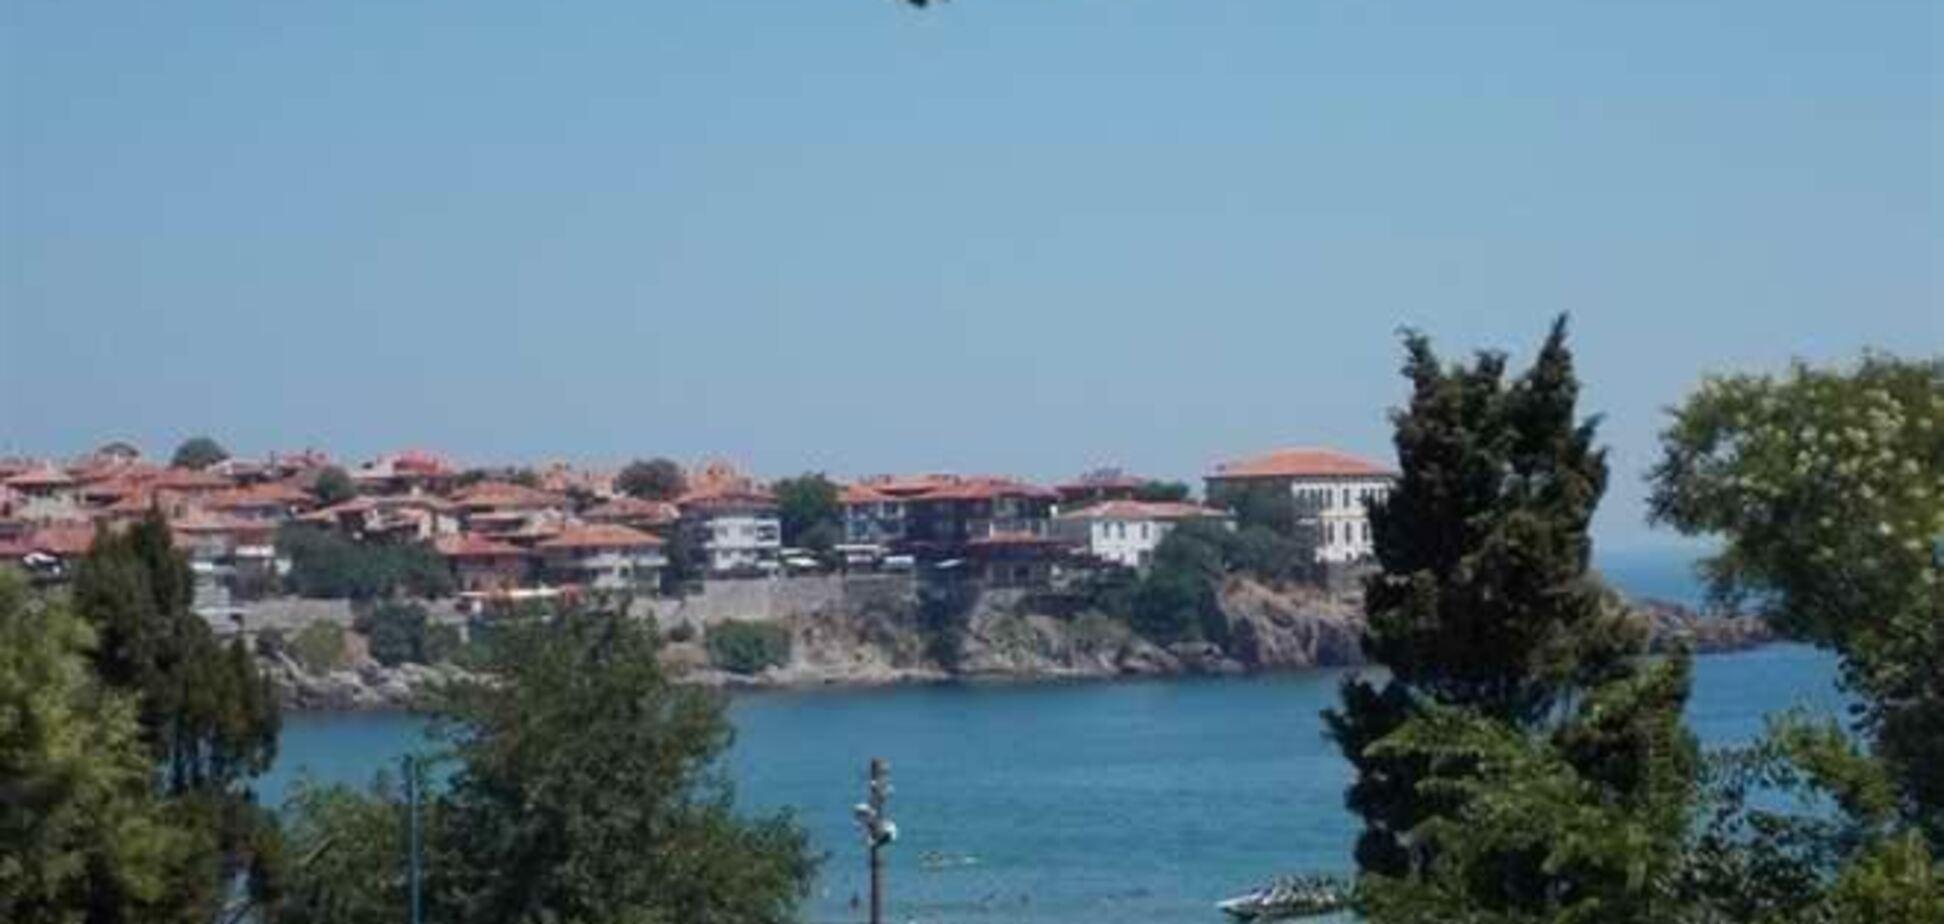 Болгария демонстрирует устойчивое снижение цен на недвижимость